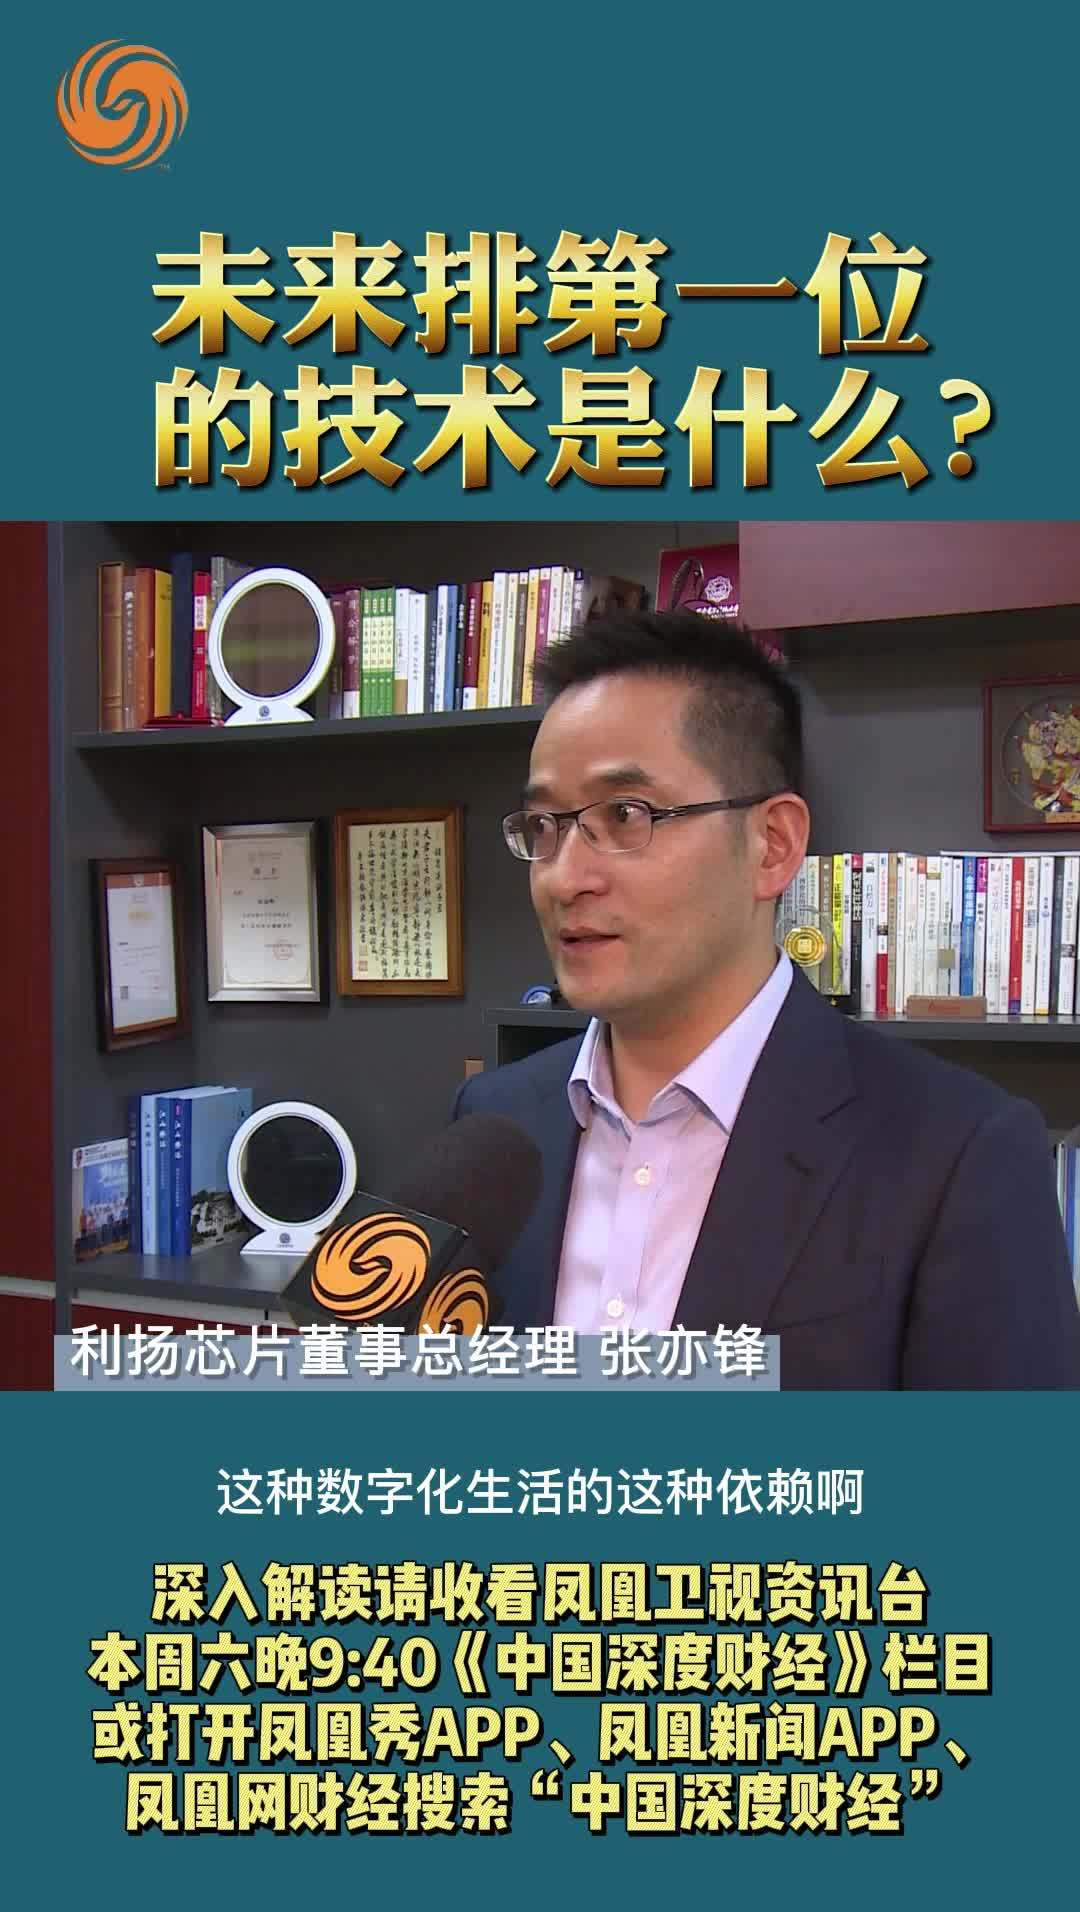 张亦锋:未来排第一位的技术是什么?